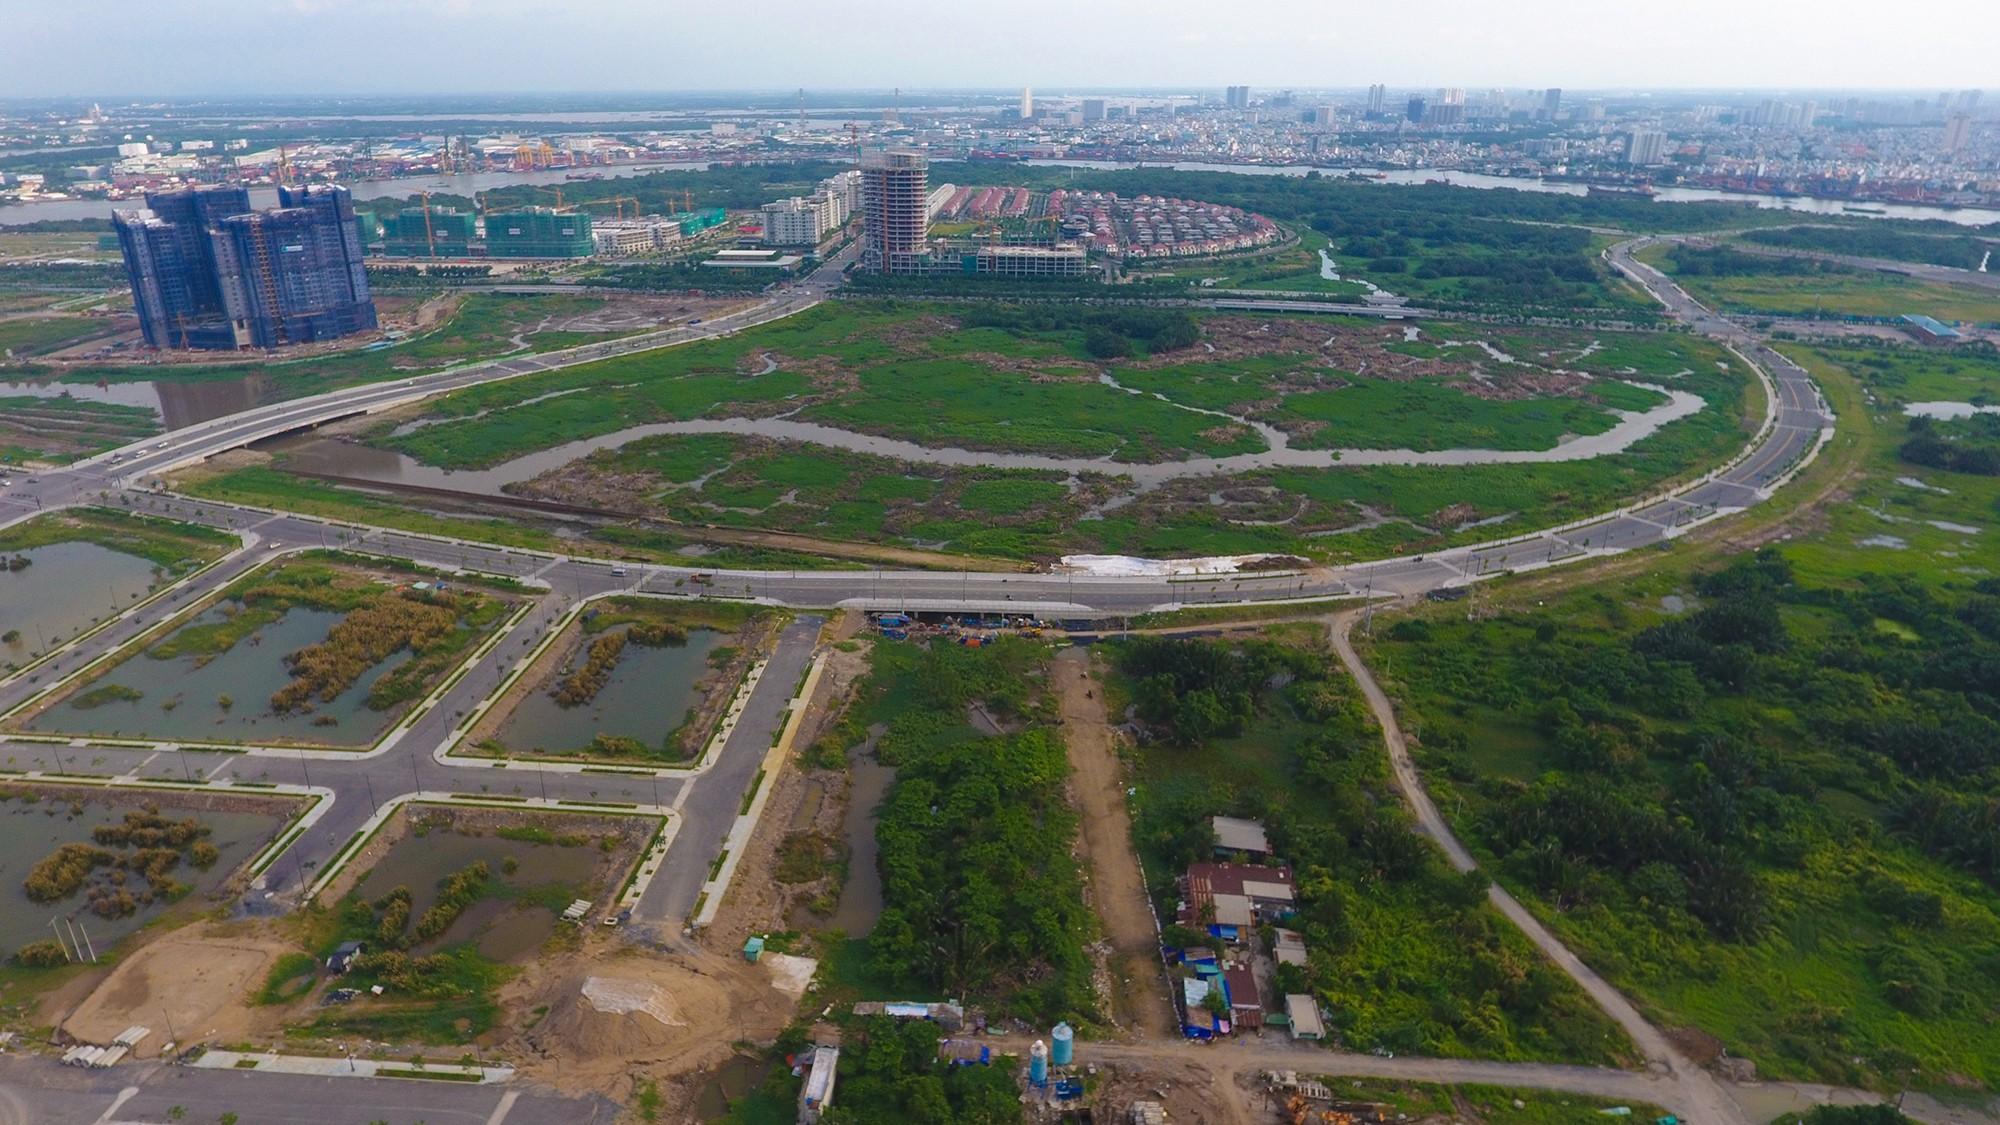 Diện mạo bán đảo Thủ Thiêm - khu đô thị đẹp nhất Sài Gòn nhìn từ trên cao - Ảnh 11.